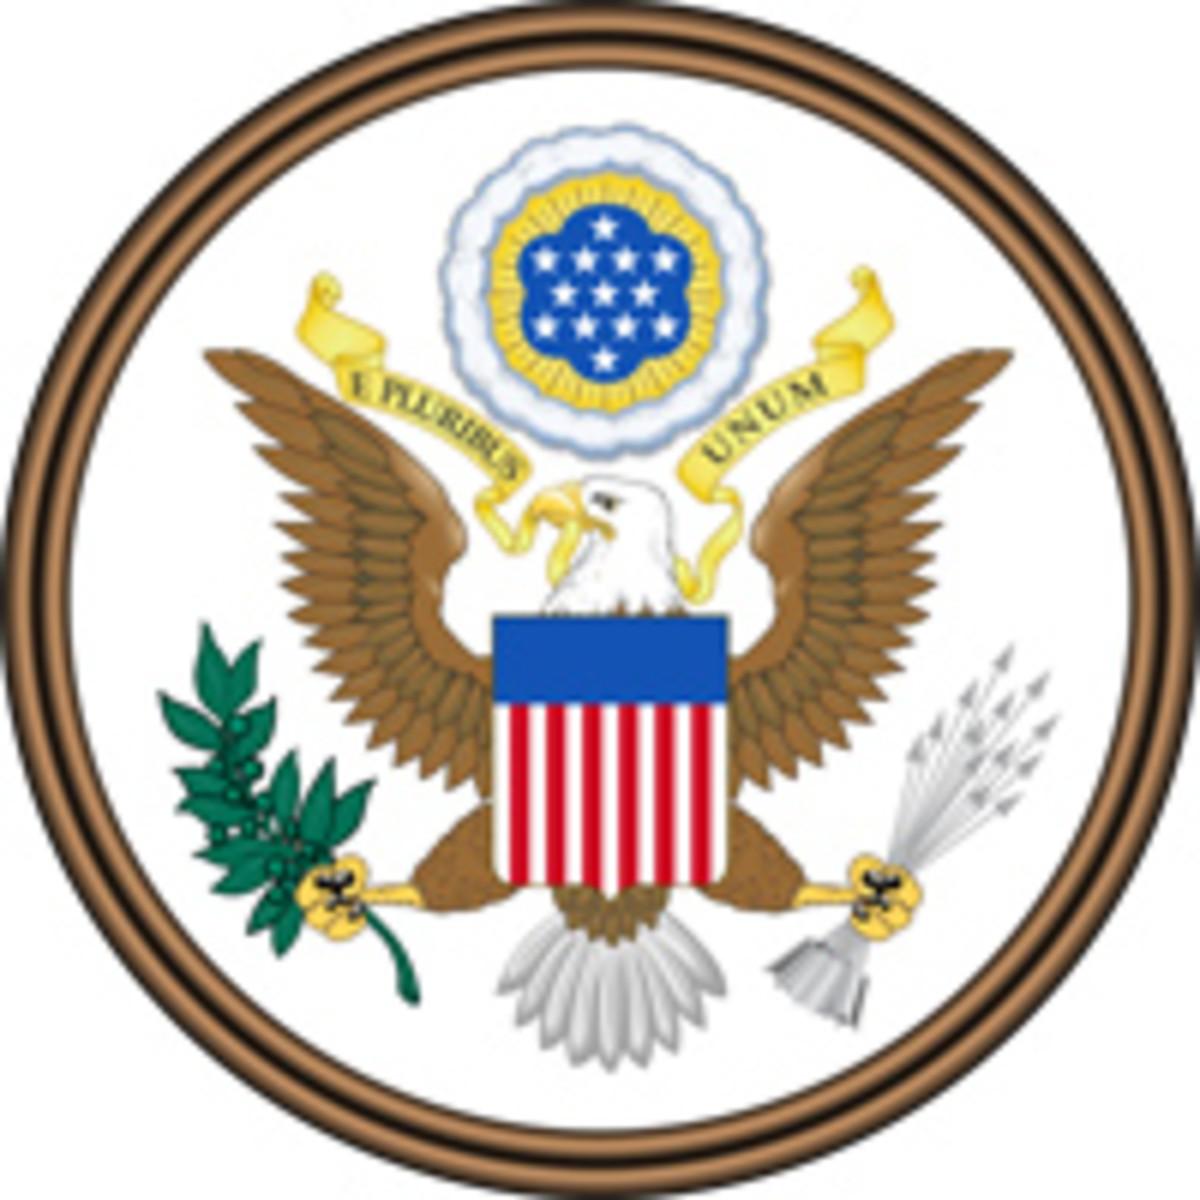 (U.S. Government [Public domain], via Wikimedia Commons)